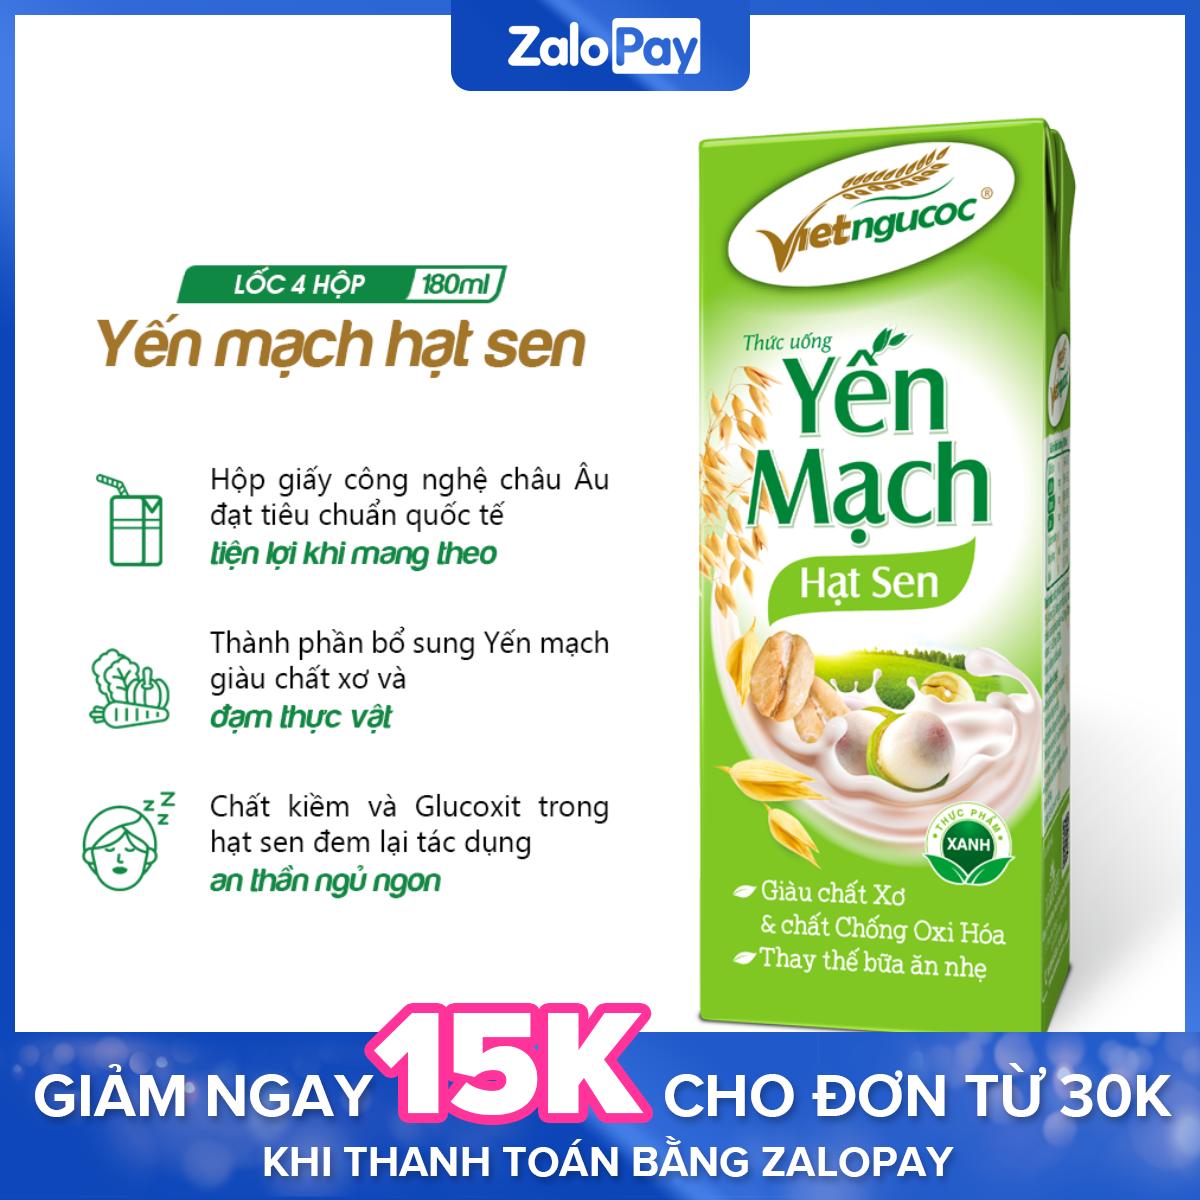 [Date 20.7.2021] Thức uống Yến mạch hạt sen Việt Ngũ Cốc lốc 4 hộp 180ml